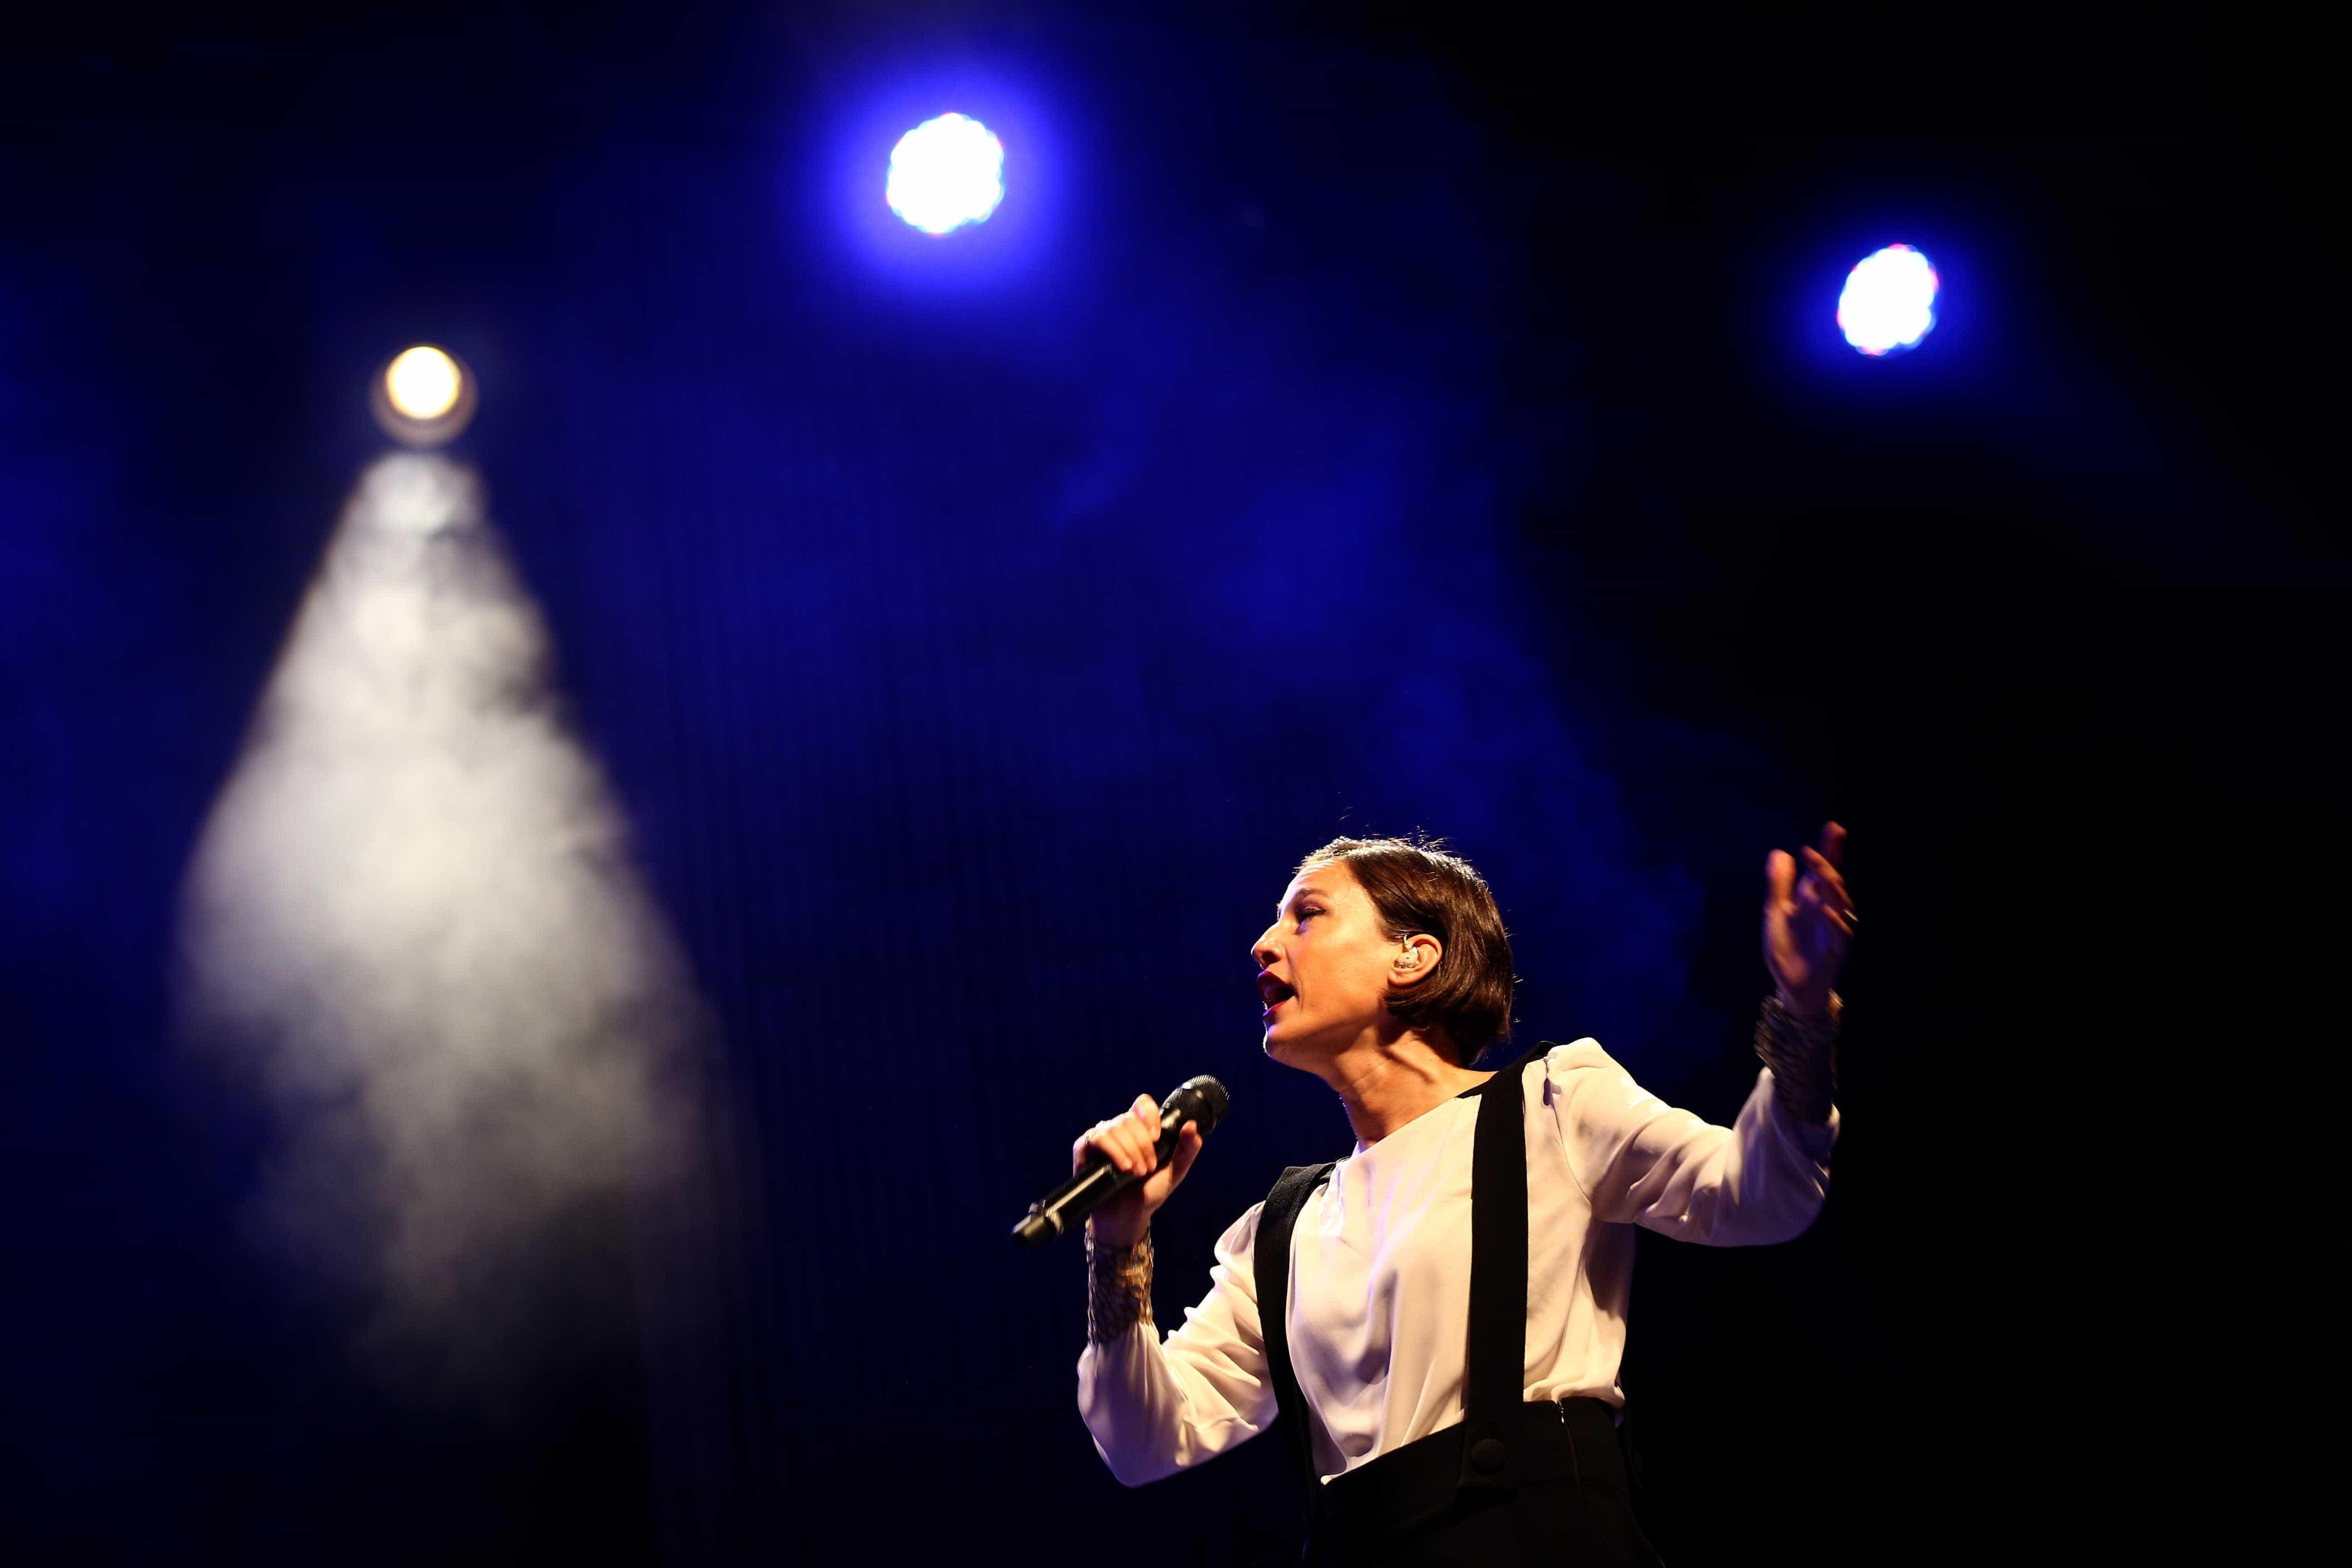 Carminho apresenta 'Maria' em concertos intimistas nos Coliseus